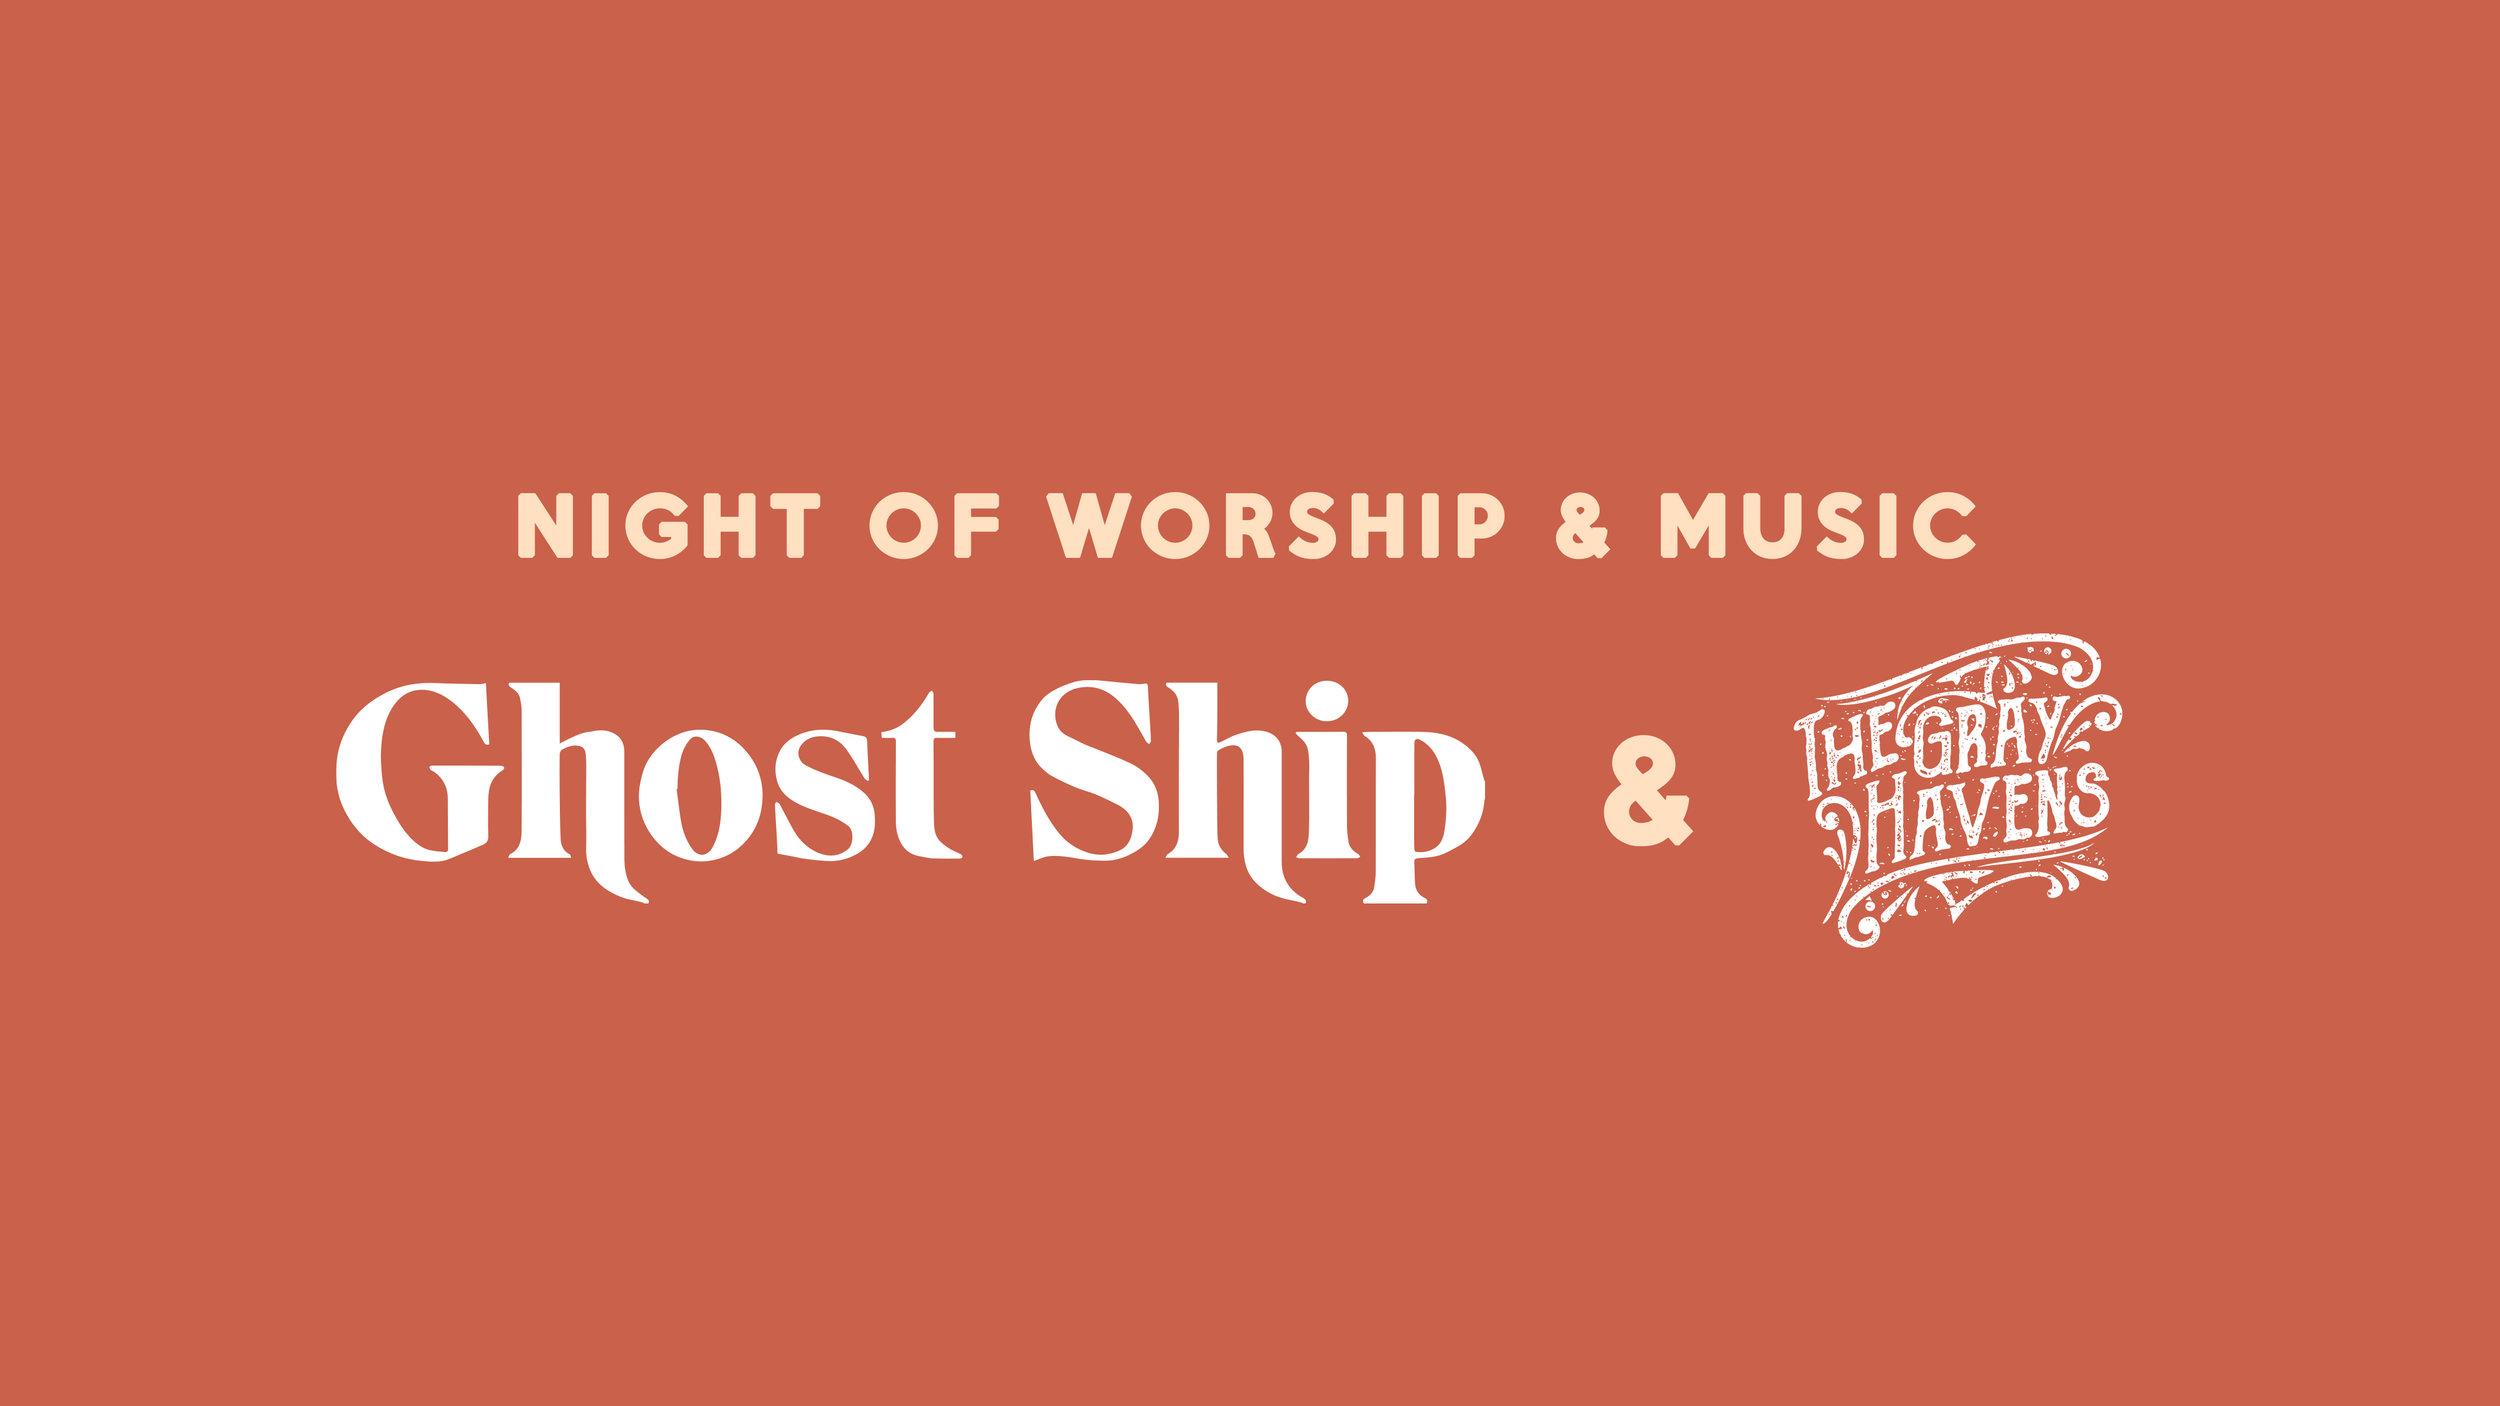 GhostShipWeb.jpg